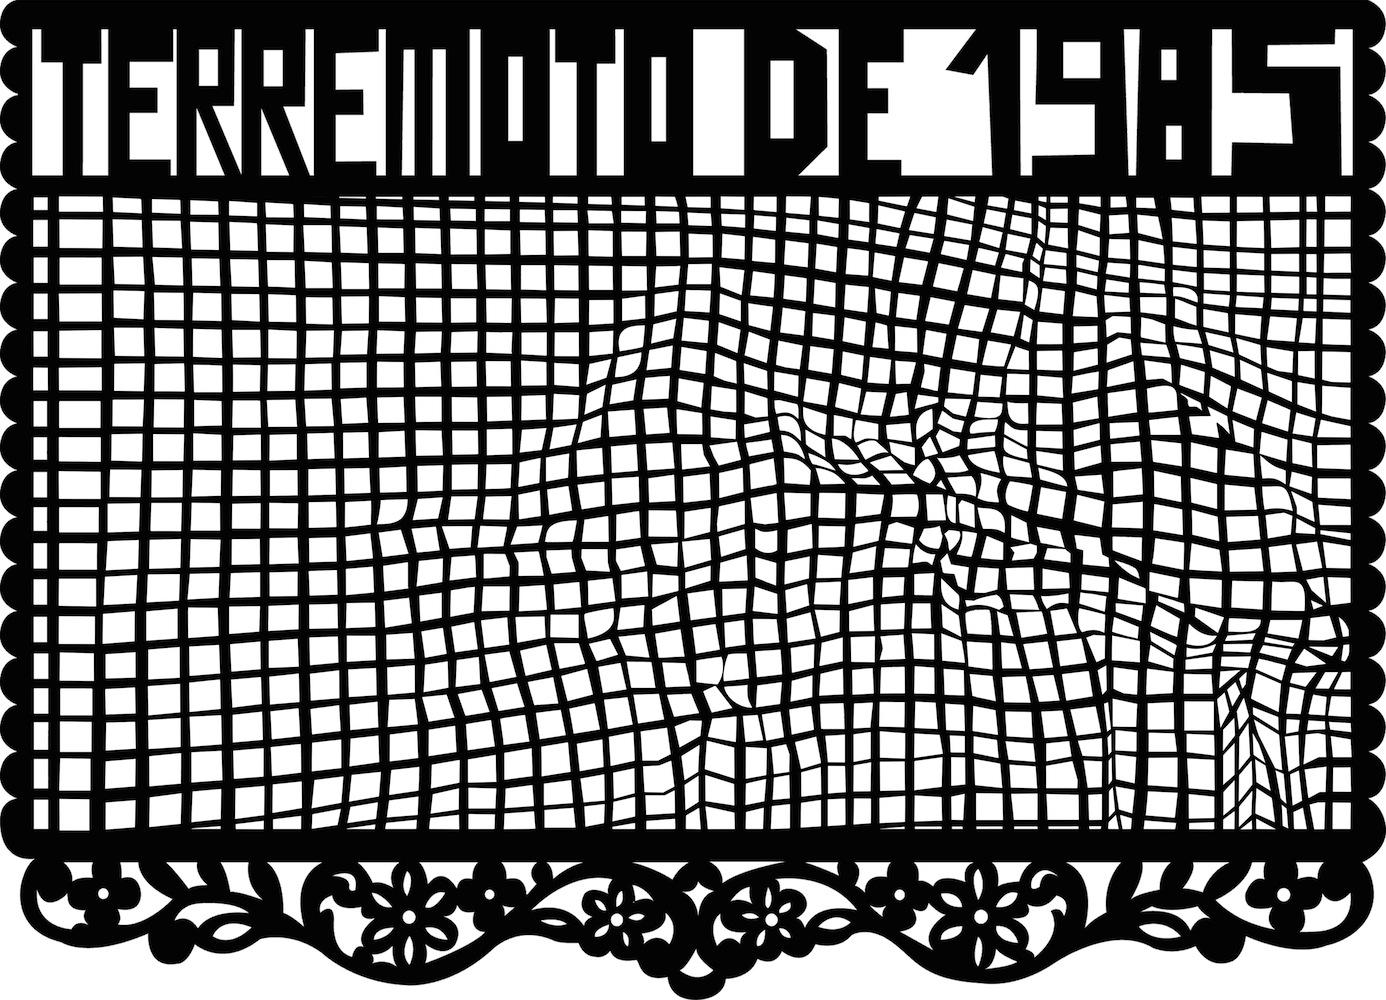 Terremoto_mexico_1985